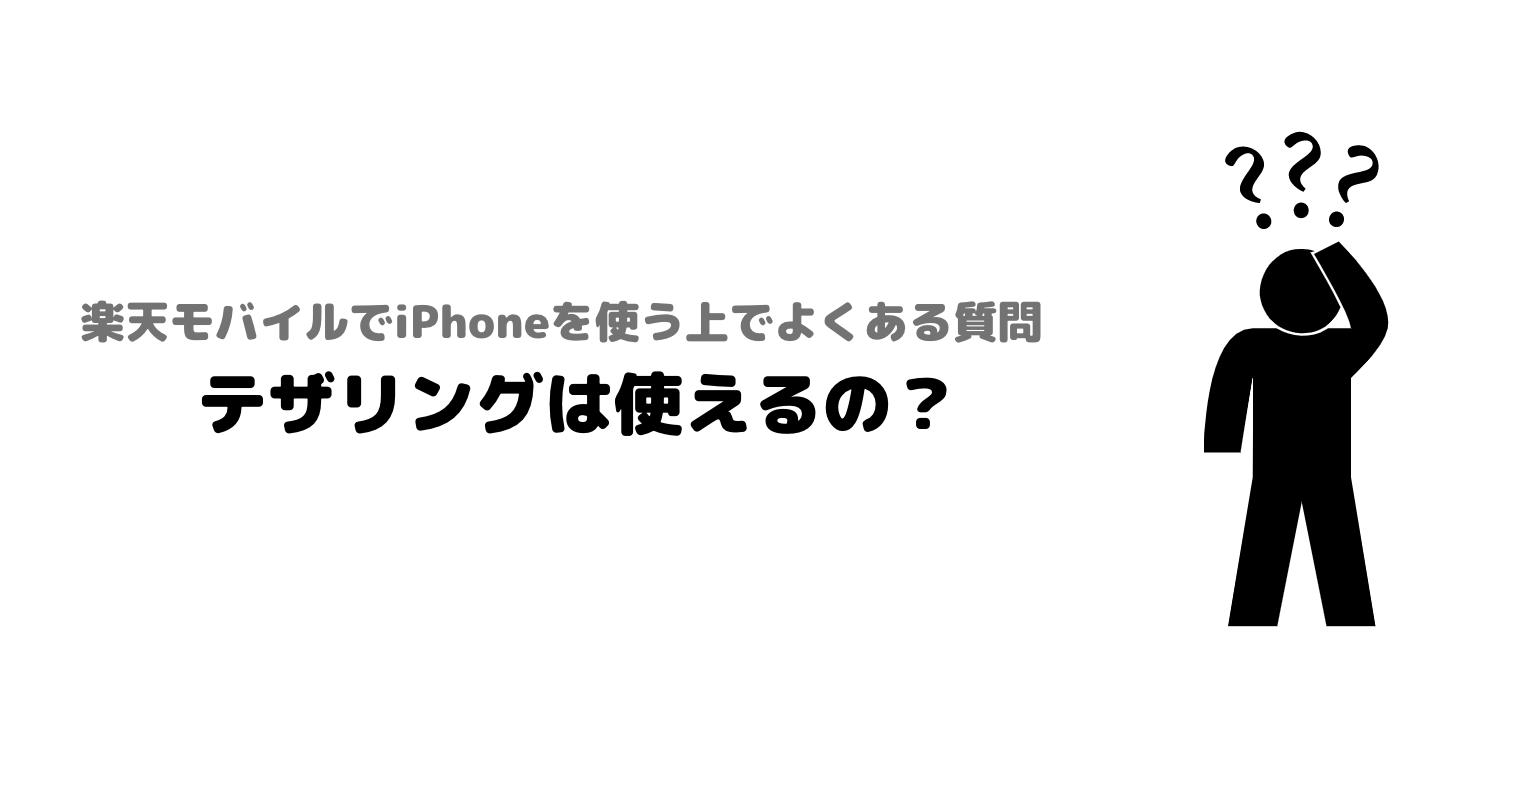 楽天モバイル_iphone_iPhone_iPad_よくある質問_テザリング